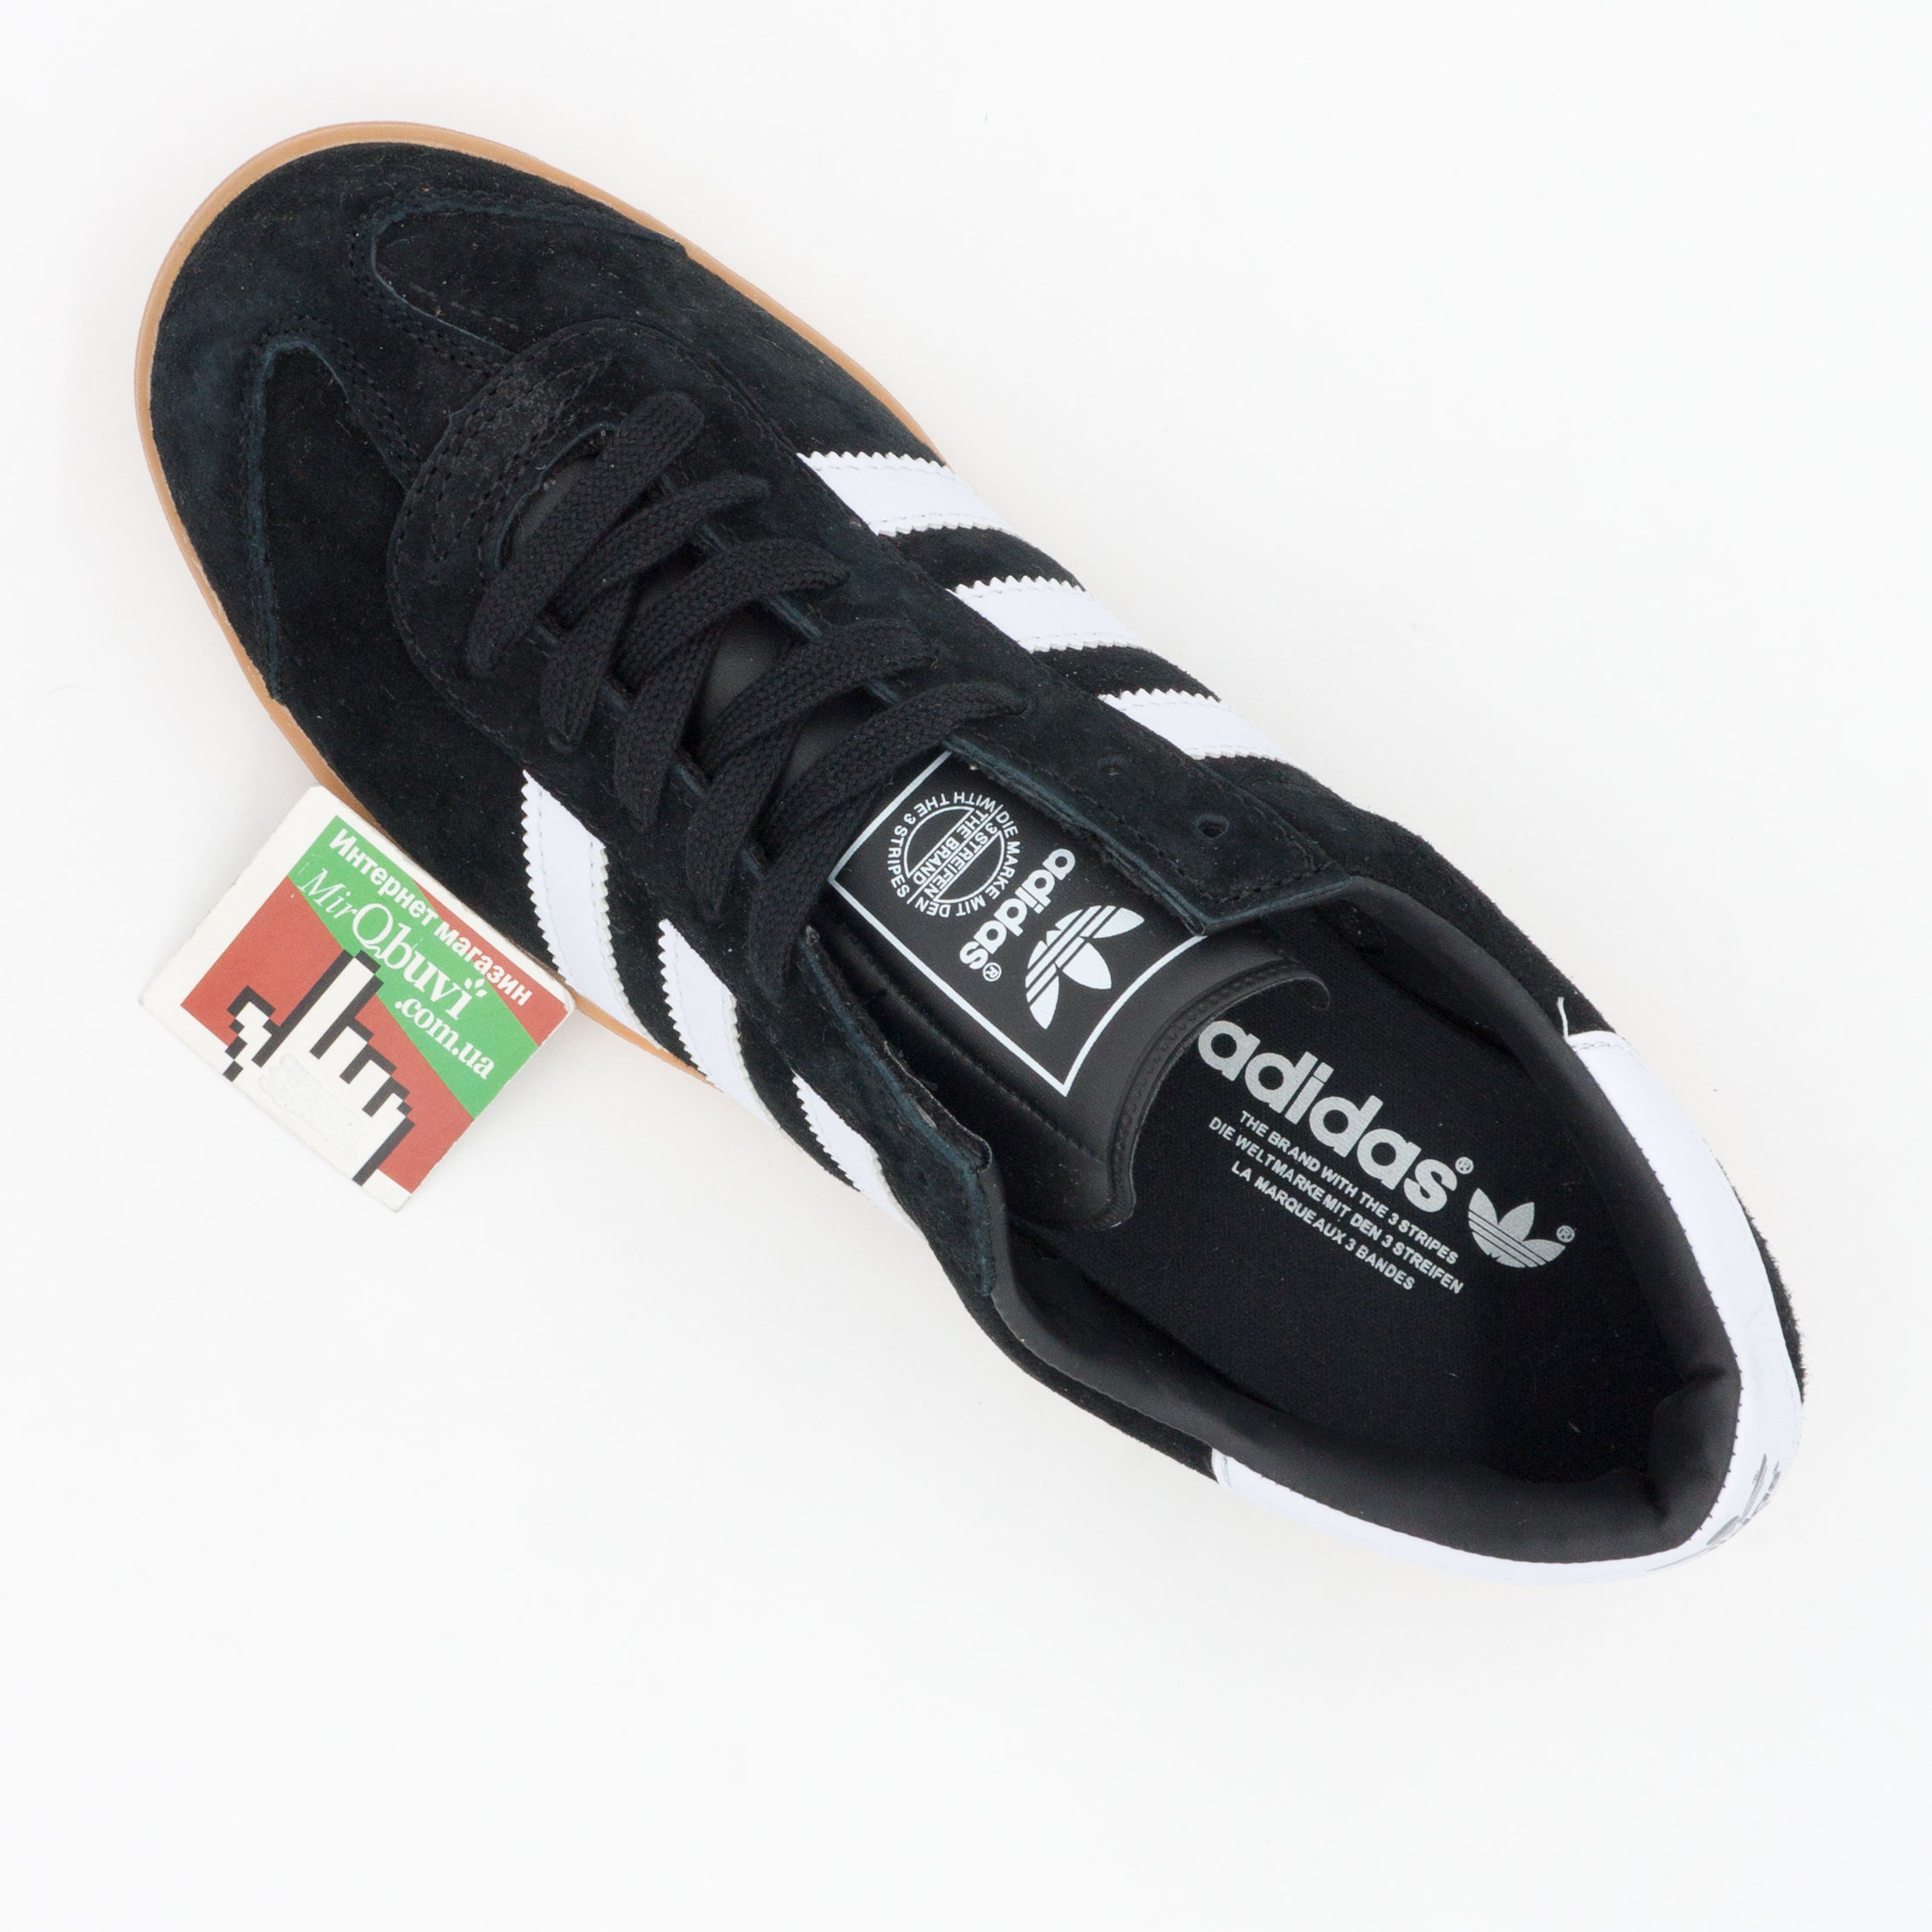 фото back Кроссовки Adidas Hamburg черные - Натуральная замша - Топ качество! back